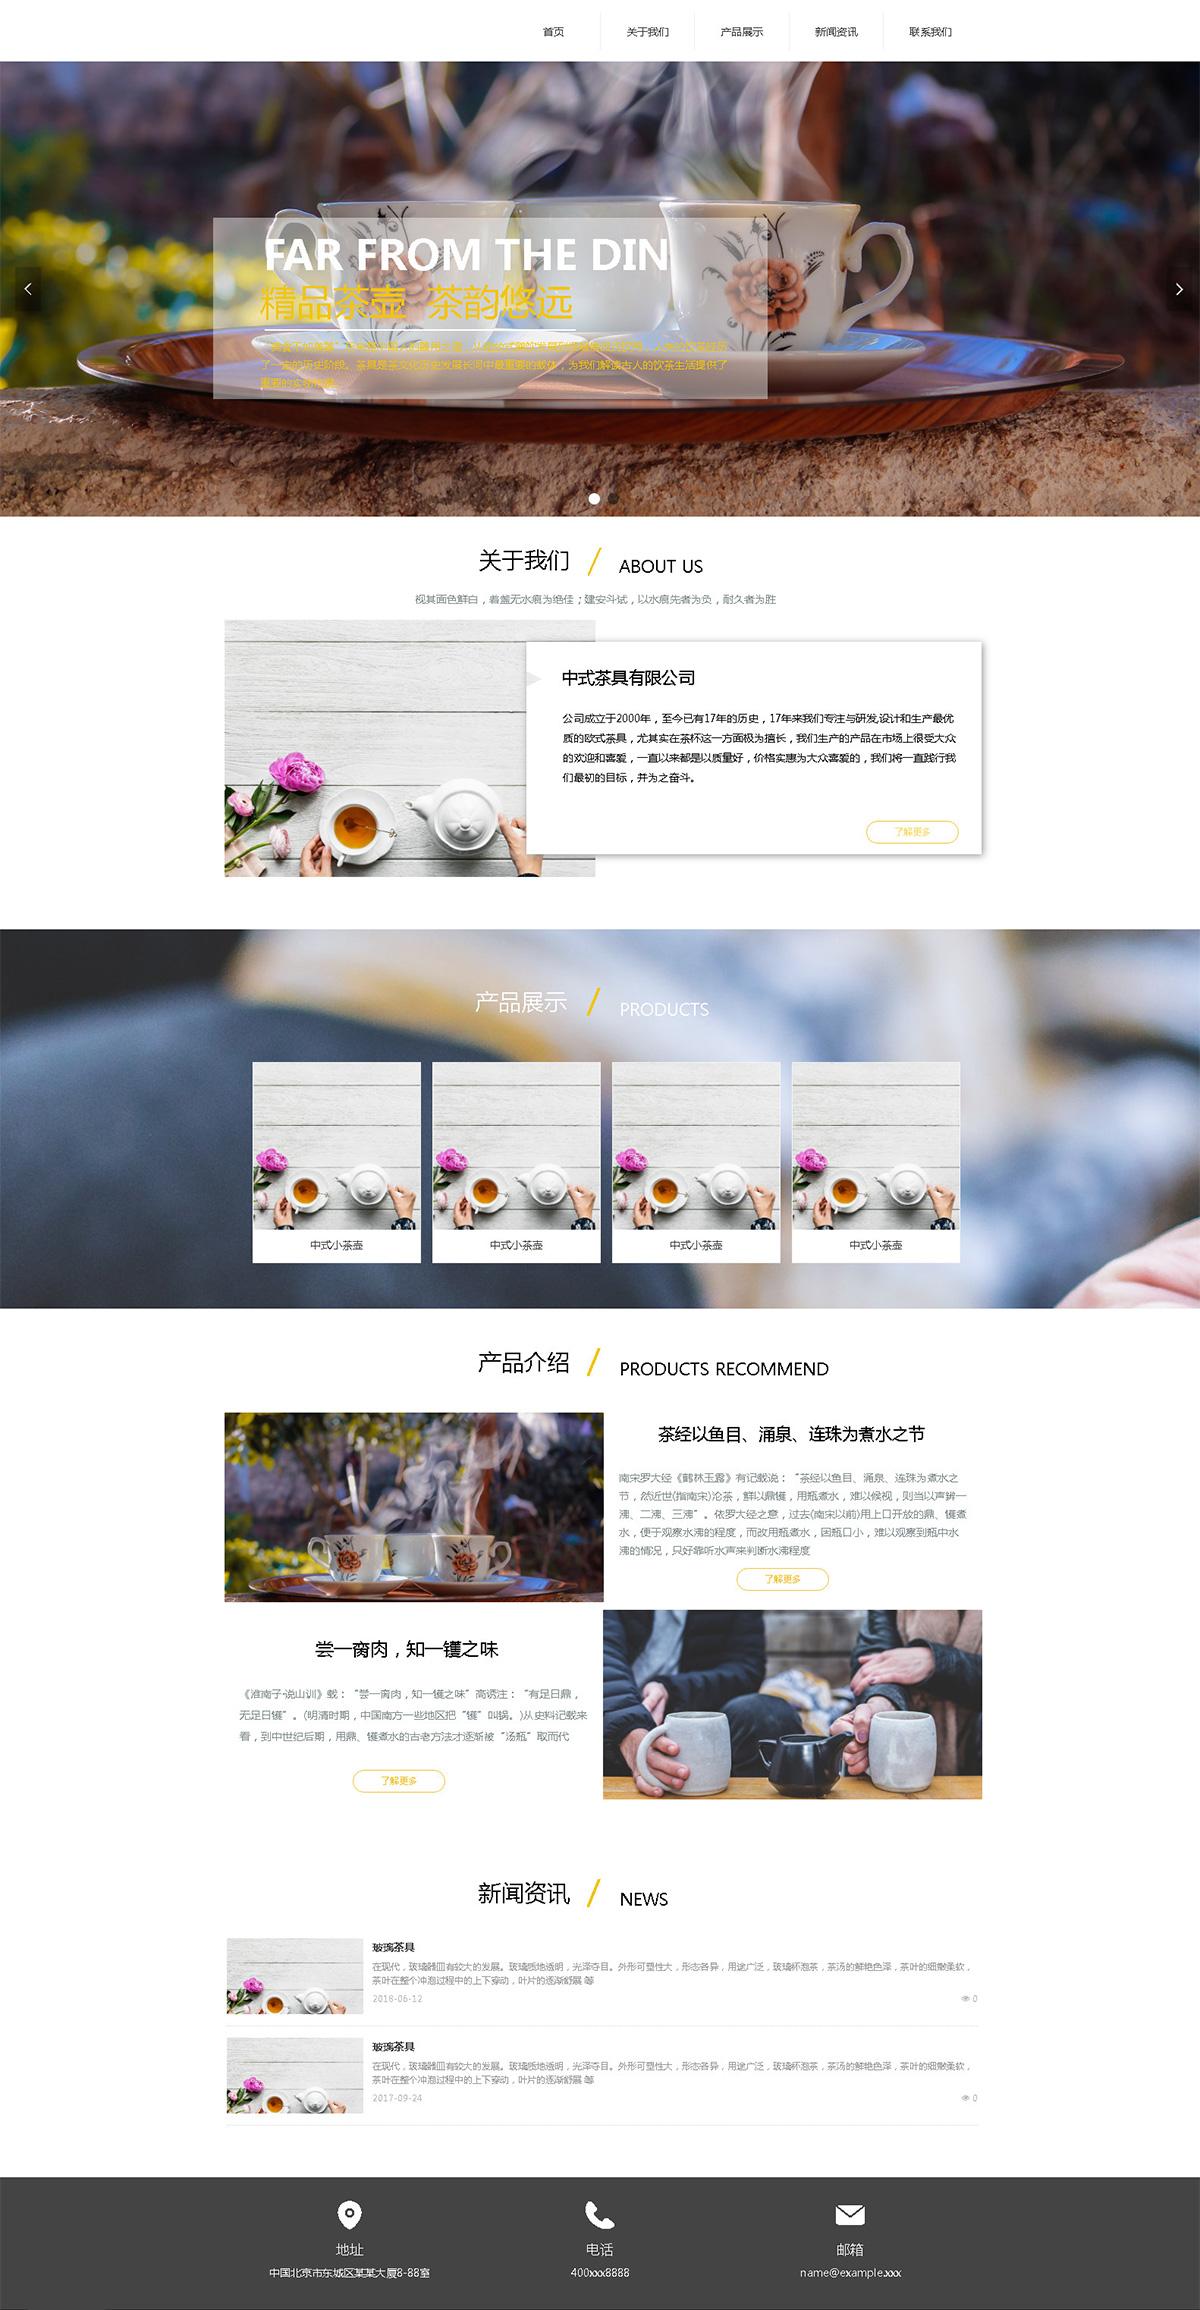 餐饮用品行业网站UI效果图